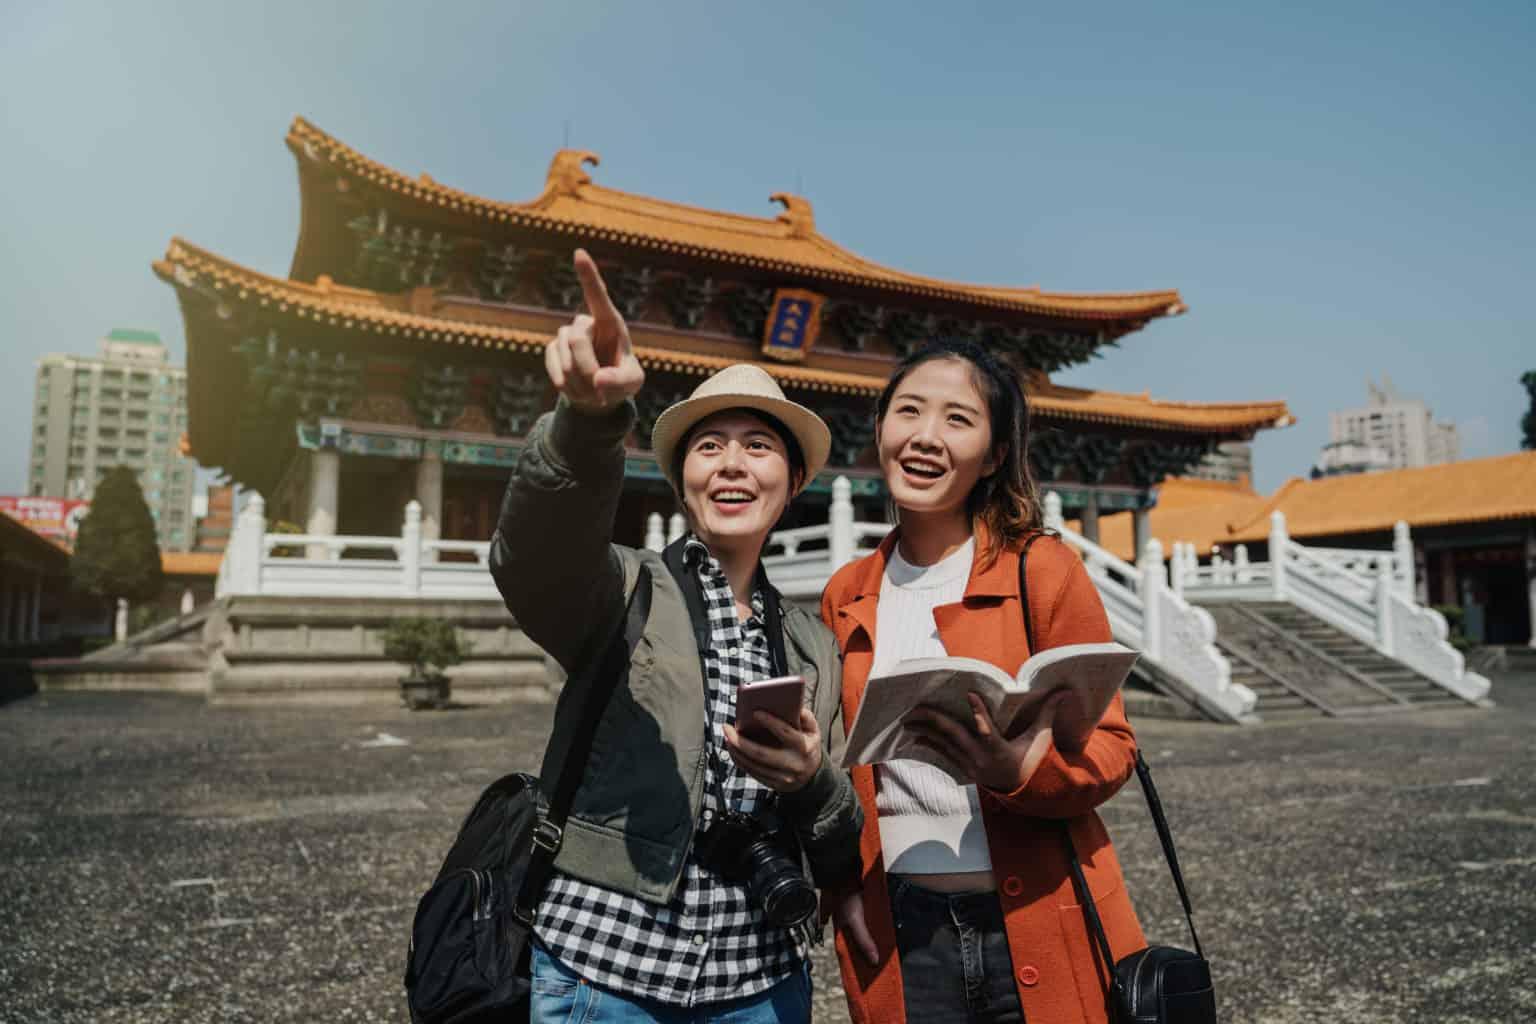 Walking Tour in Zhuzhou